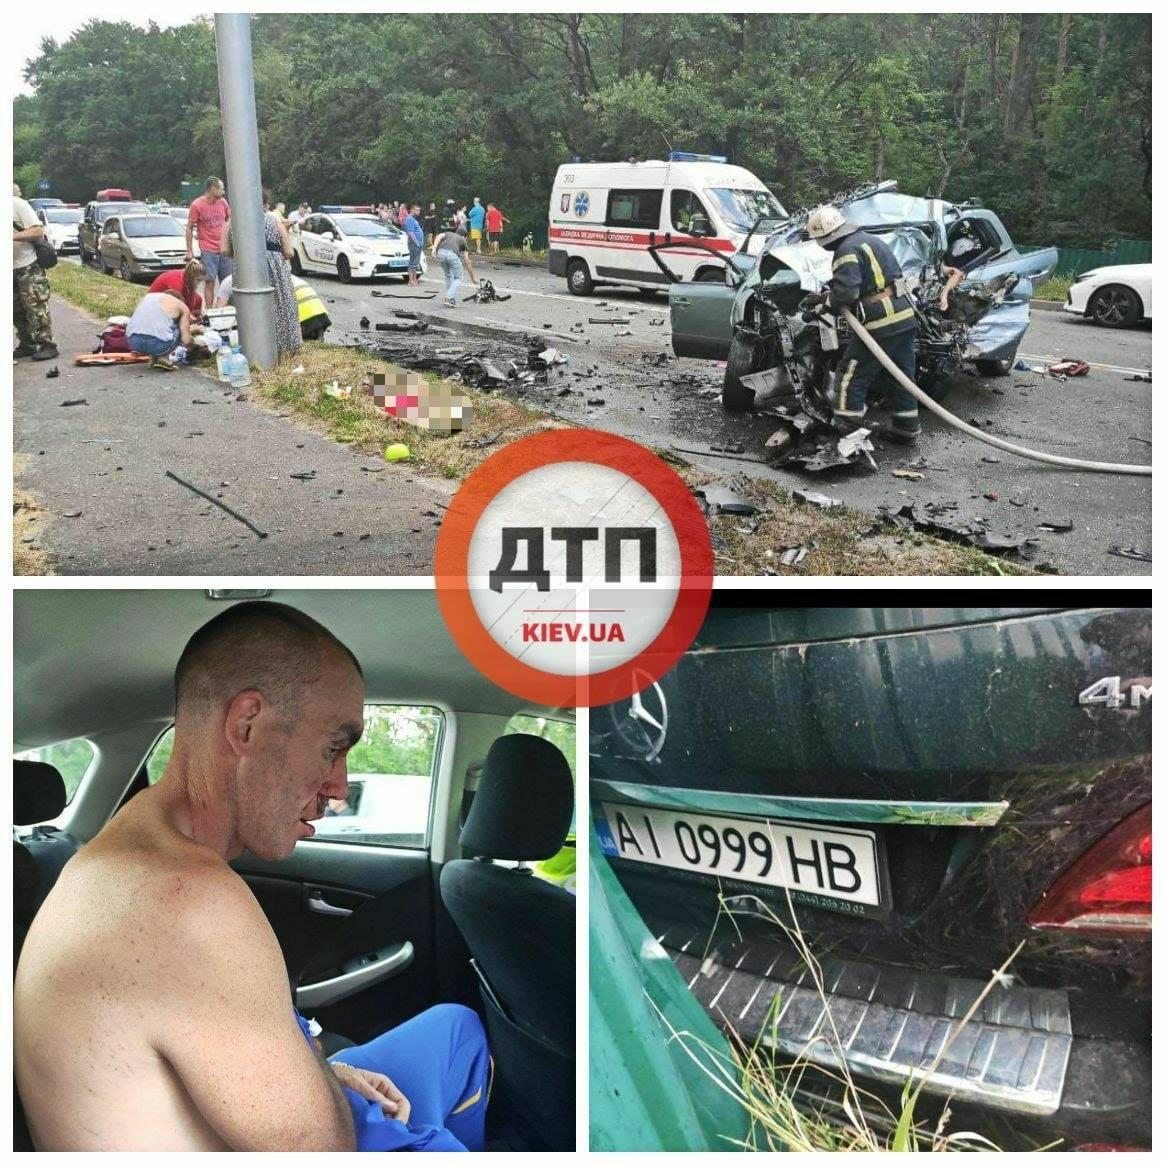 Убийство под Киевом... Русский след .